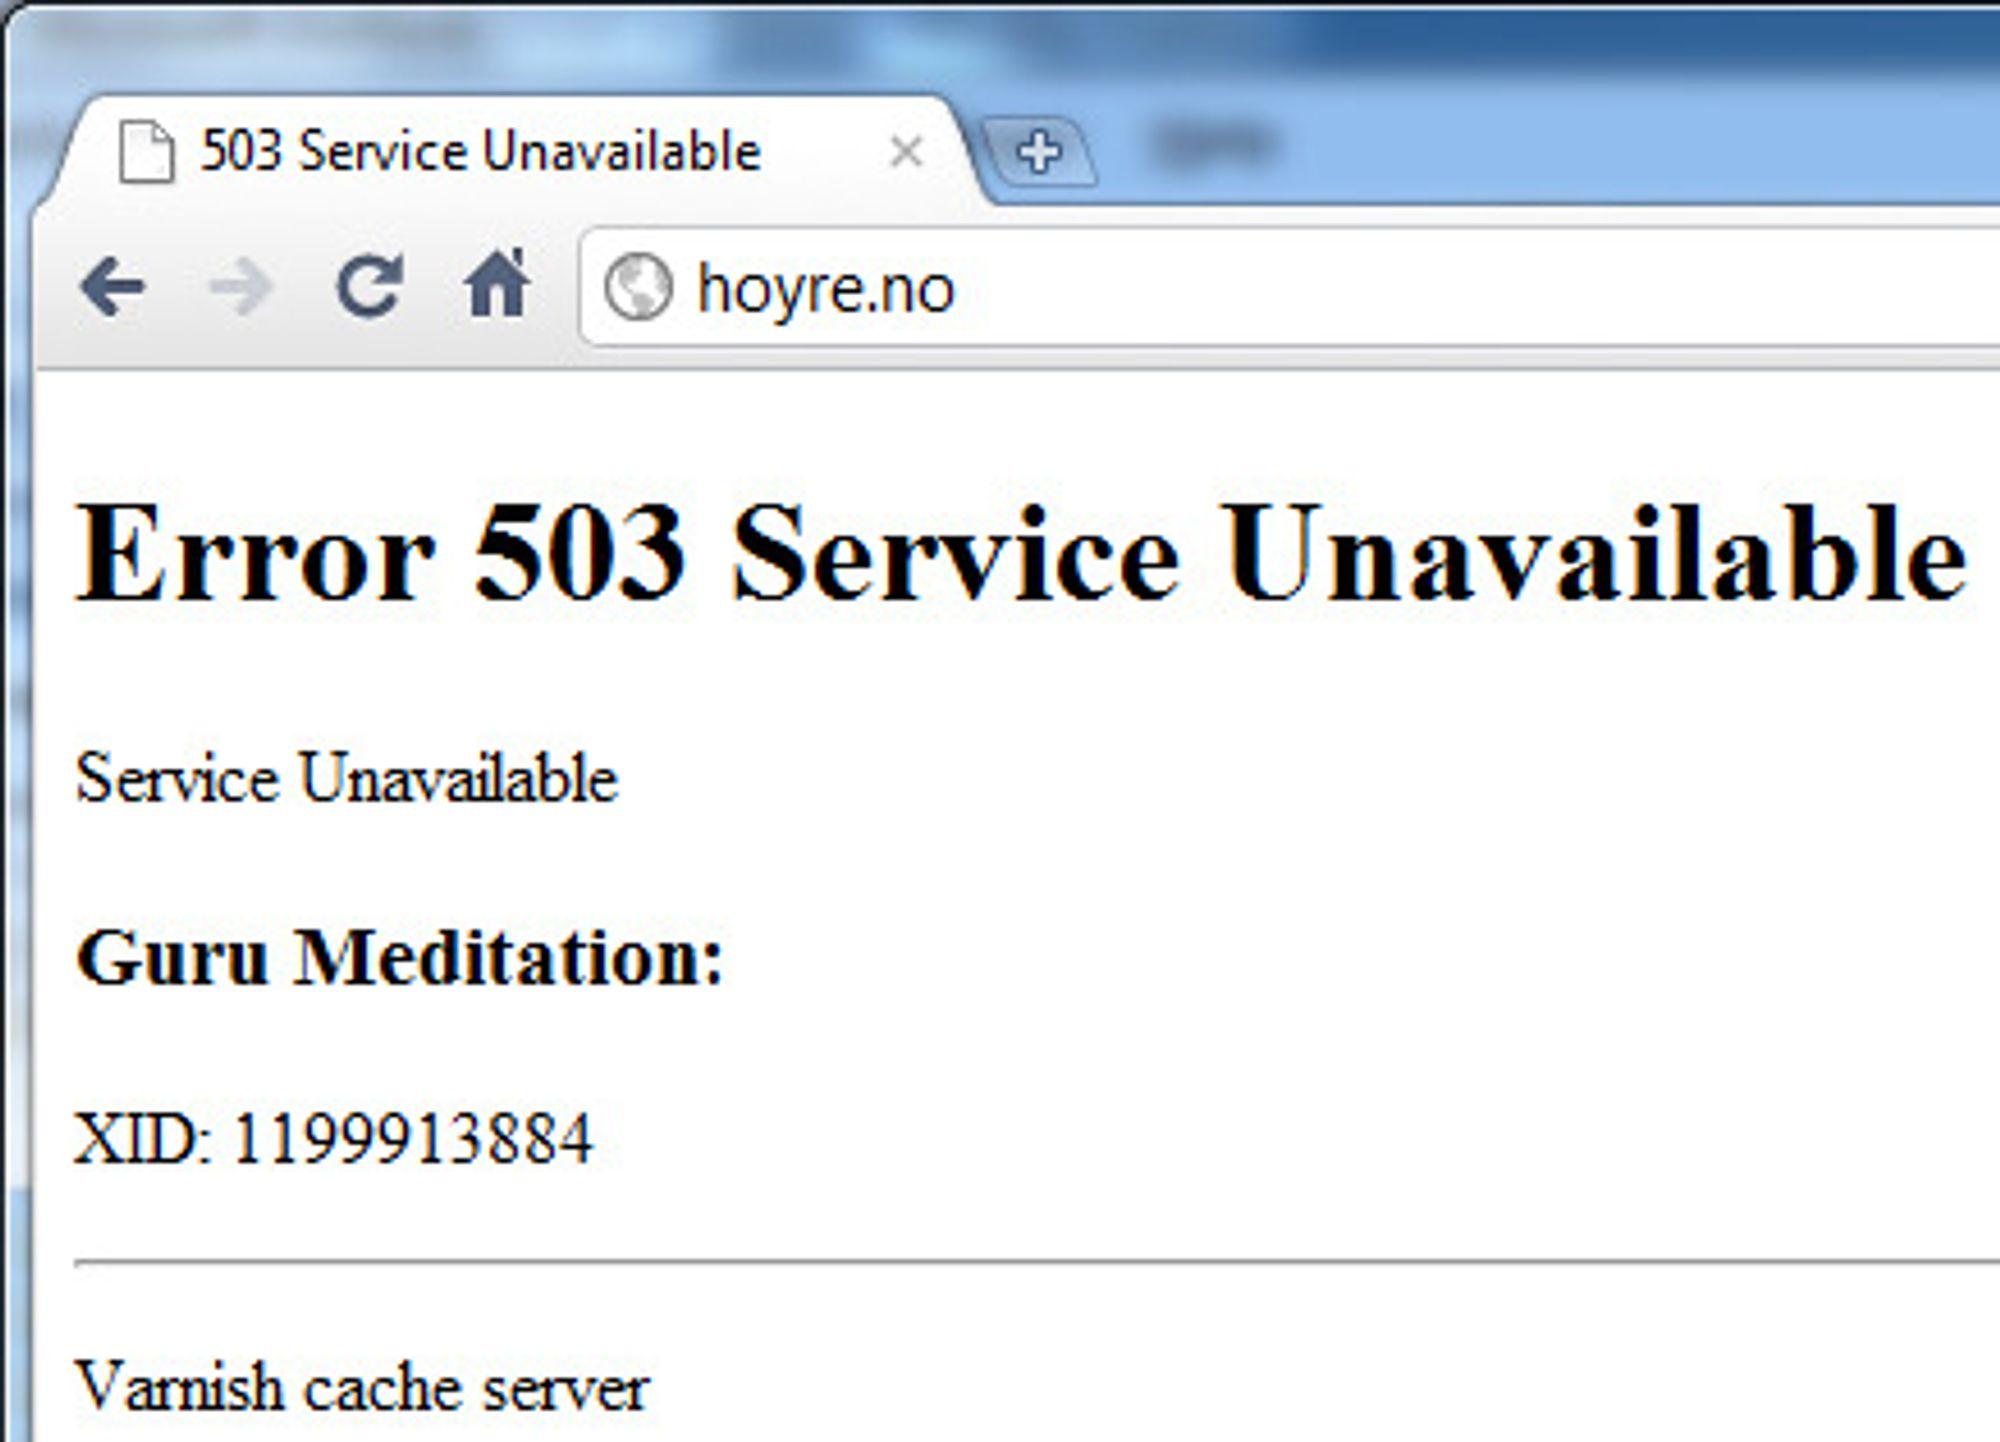 Som vi ser av feilmeldingen takler ikke Høyres nettsider belastningen, på tross av at de benytter cacheløsningen Varnish.